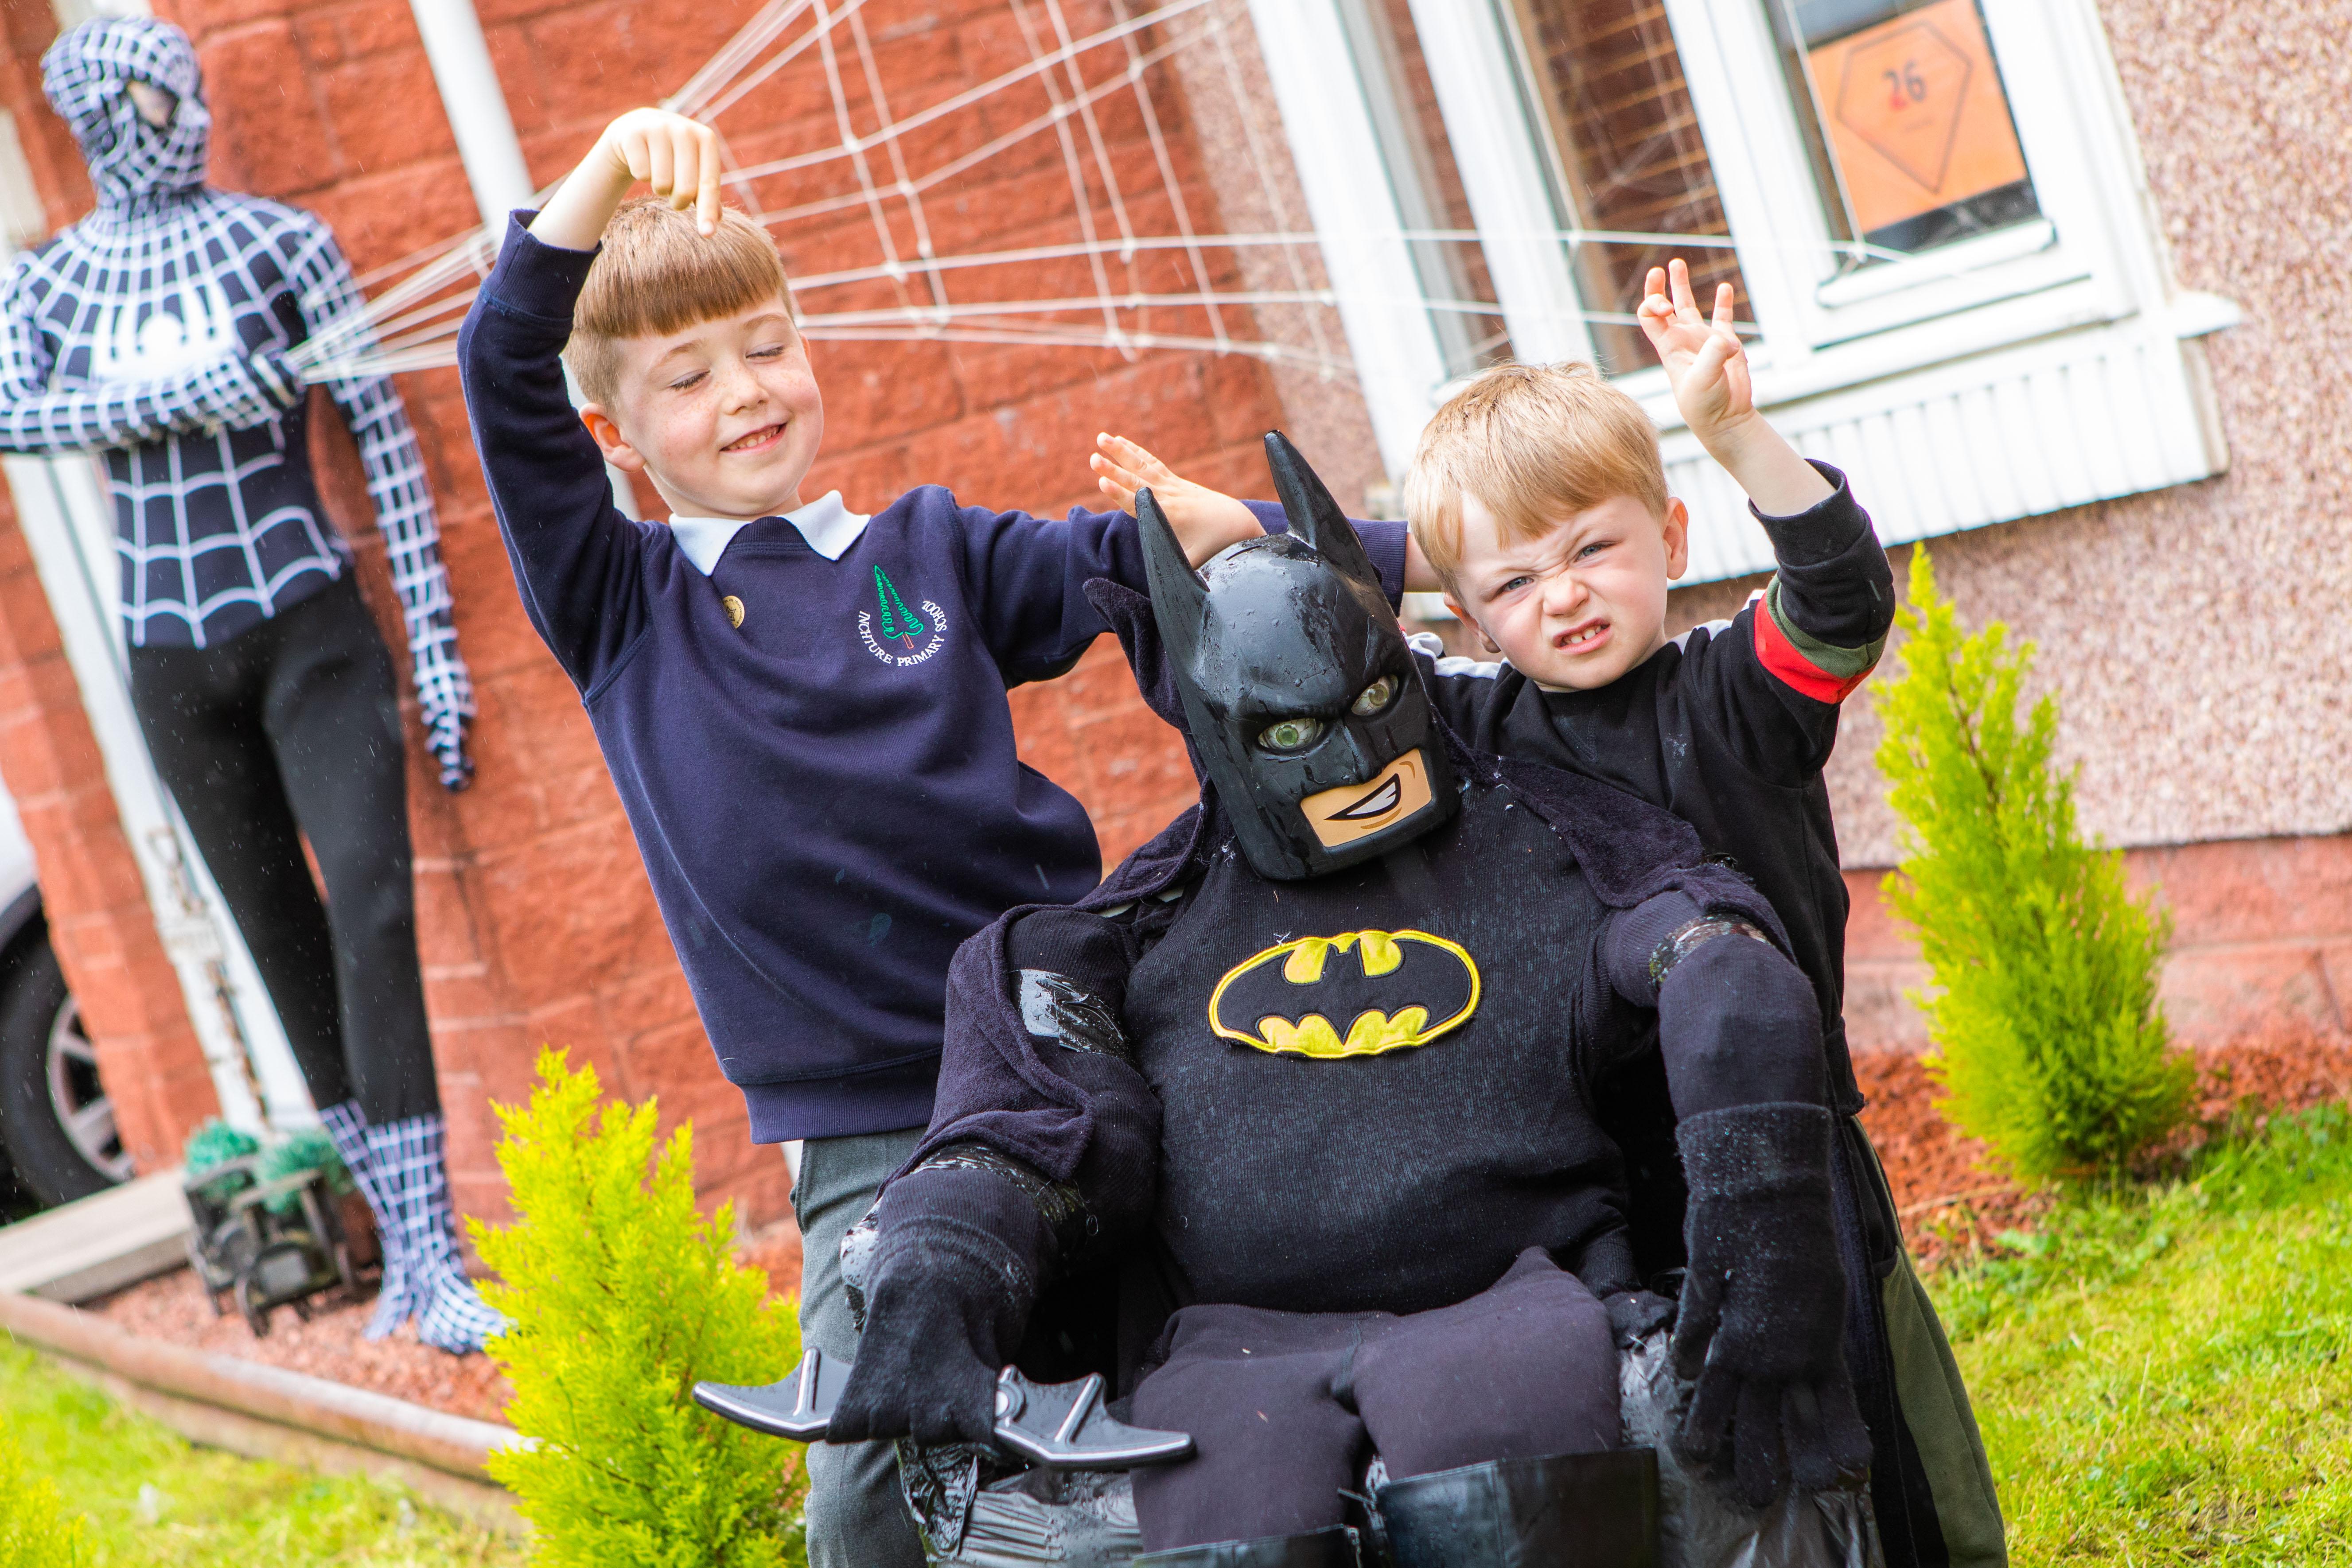 Rio Callazi, 7, and brother Chase, 2, with Batman.